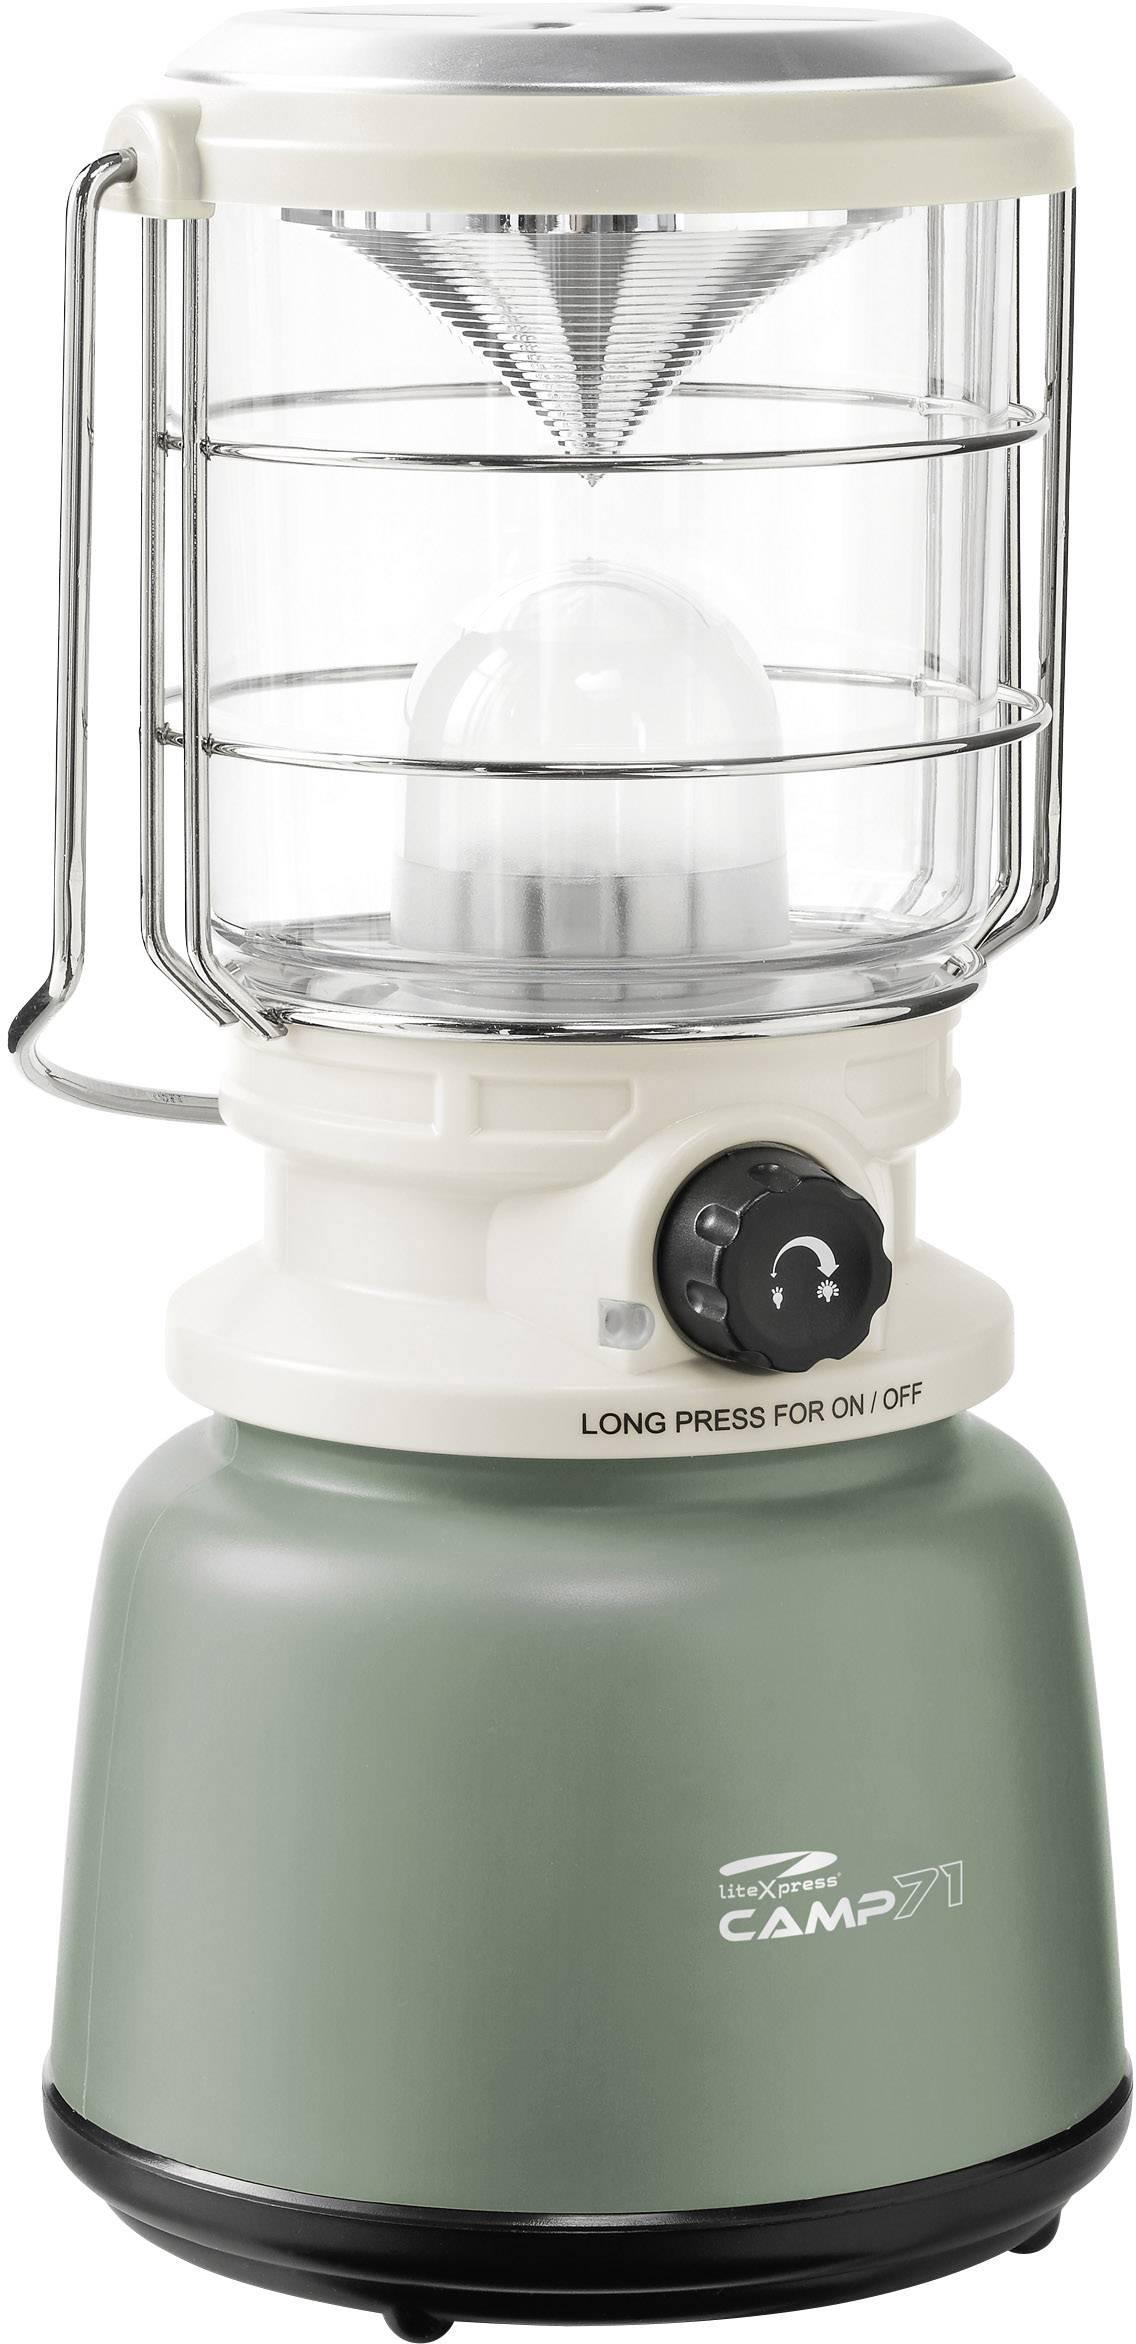 LED campingový lampáš LiteXpress Camp 71 LXL907078B, 1255 g, biela/zelená